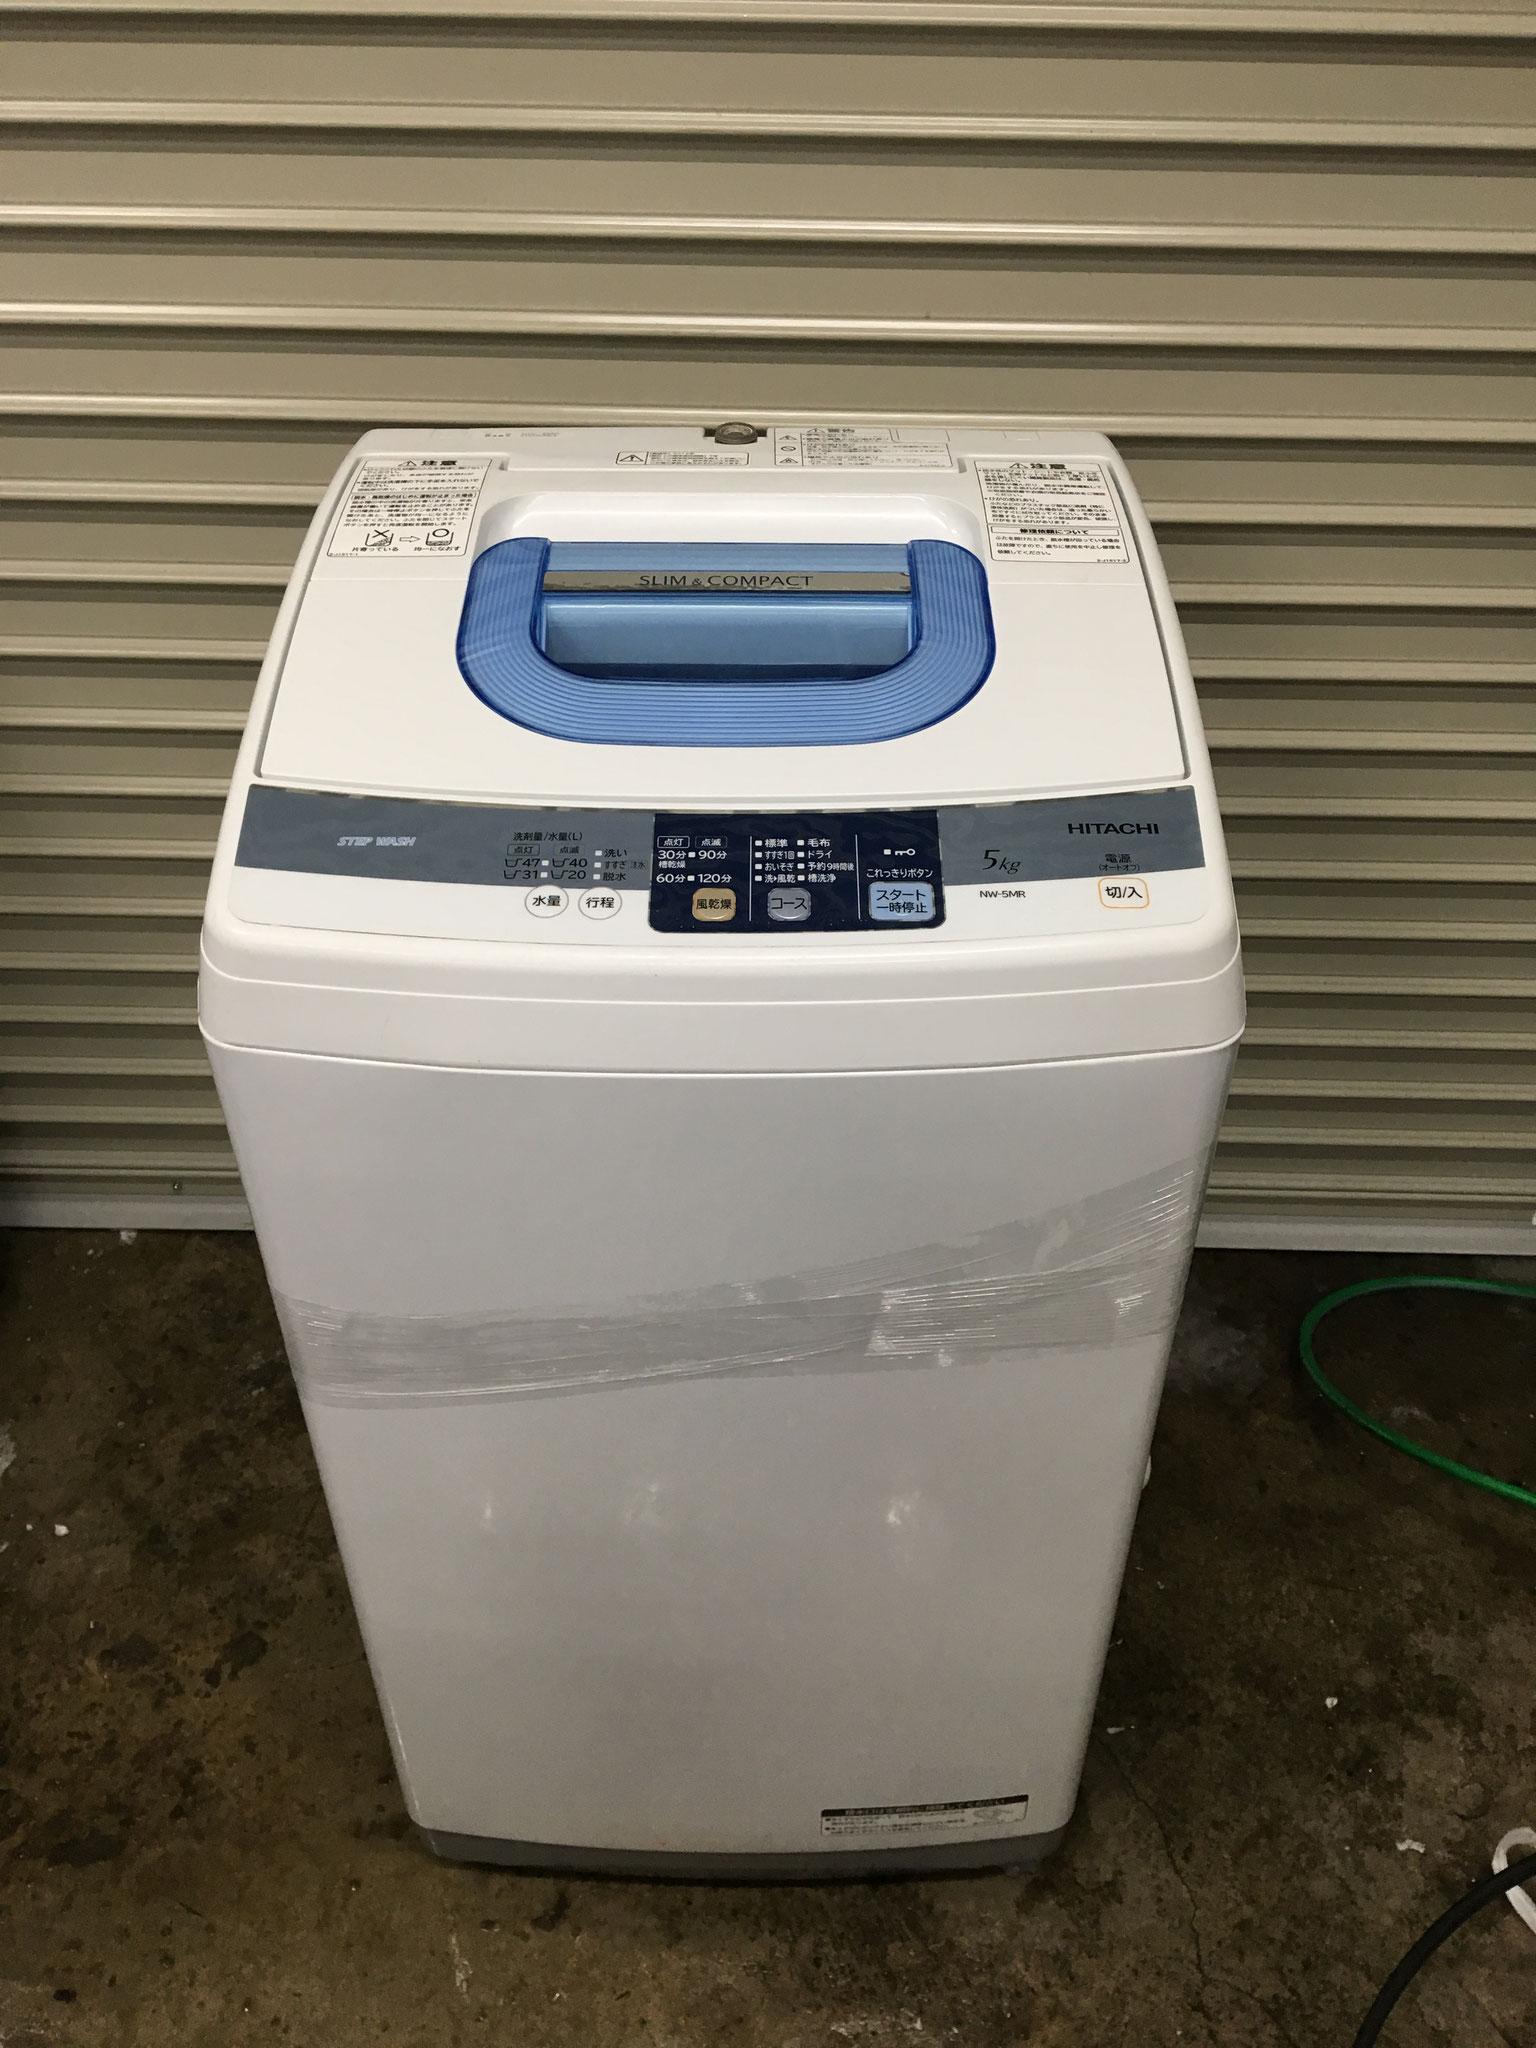 2012年製5.0㎏札幌洗濯機買取1000円